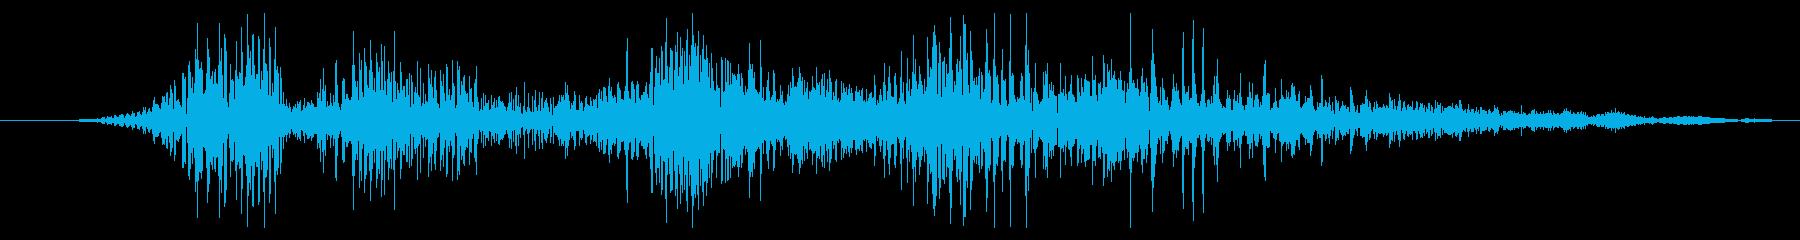 ドラゴン モンスター ゲームコンテニューの再生済みの波形